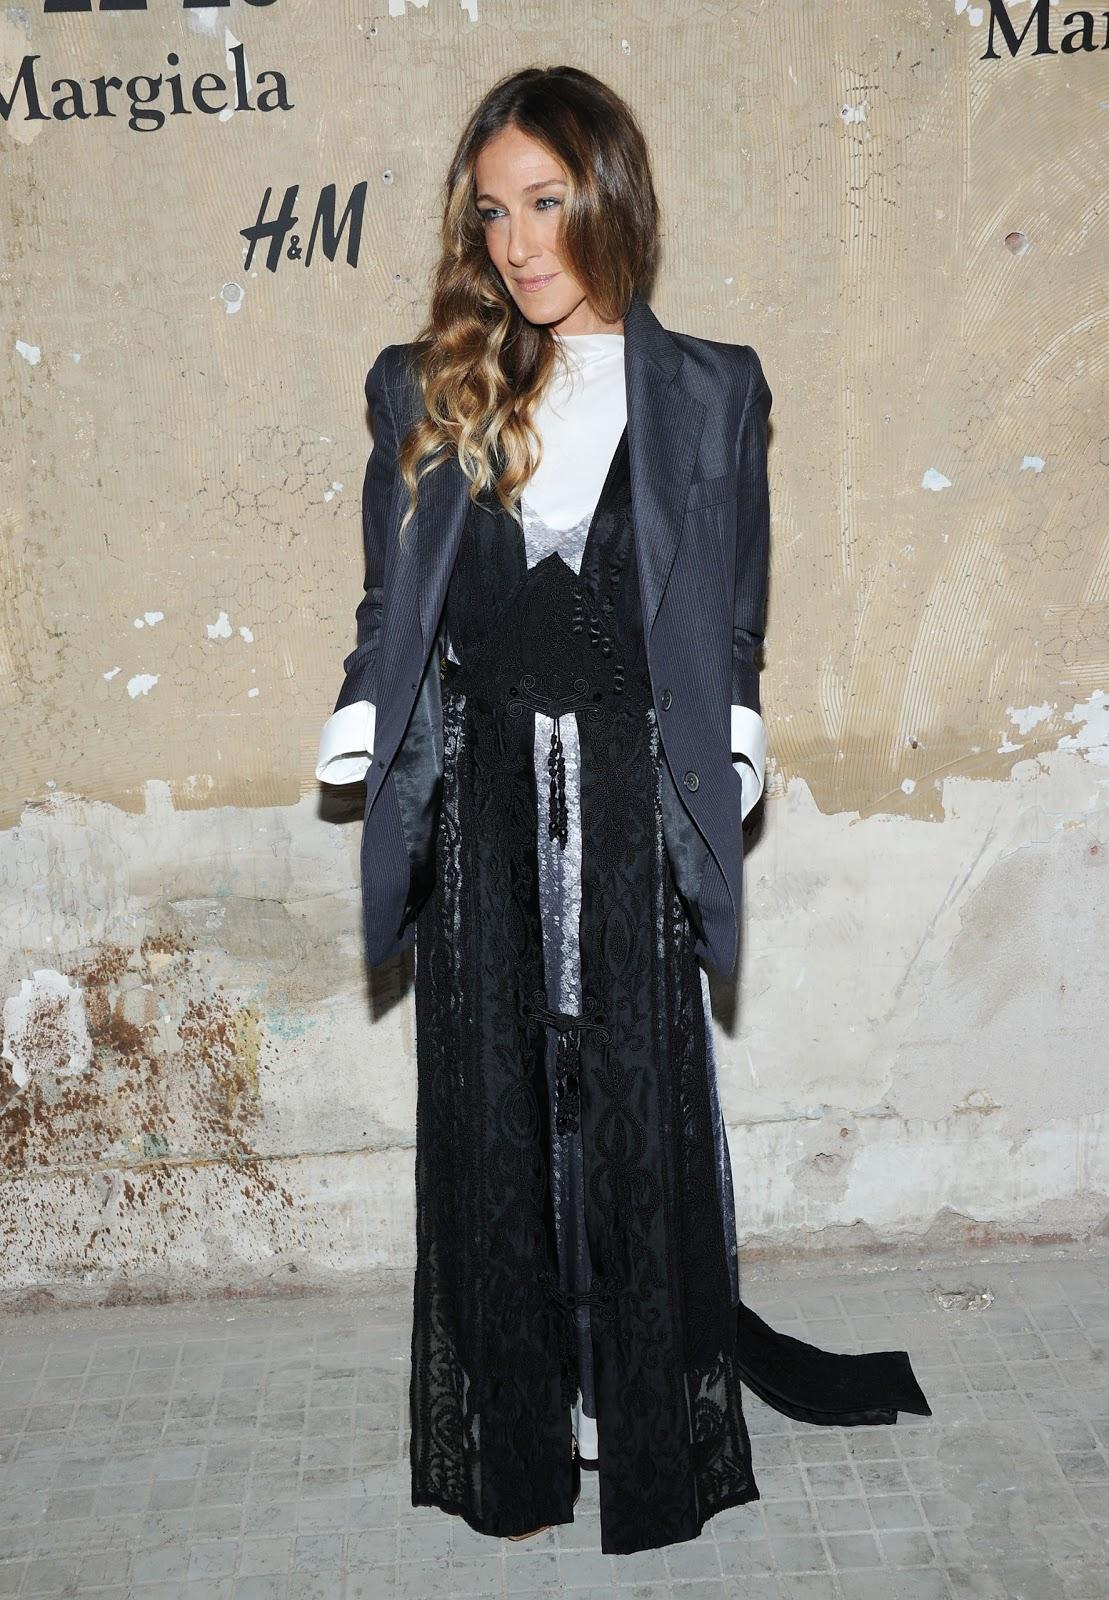 http://1.bp.blogspot.com/-FTB7d5mK55E/UIuBkUE3FwI/AAAAAAAASS4/vB7XM_ZCsoo/s1600/MMM+with+HM_Sarah+Jessica+Parker_wearing+MMM+with+HM.JPG